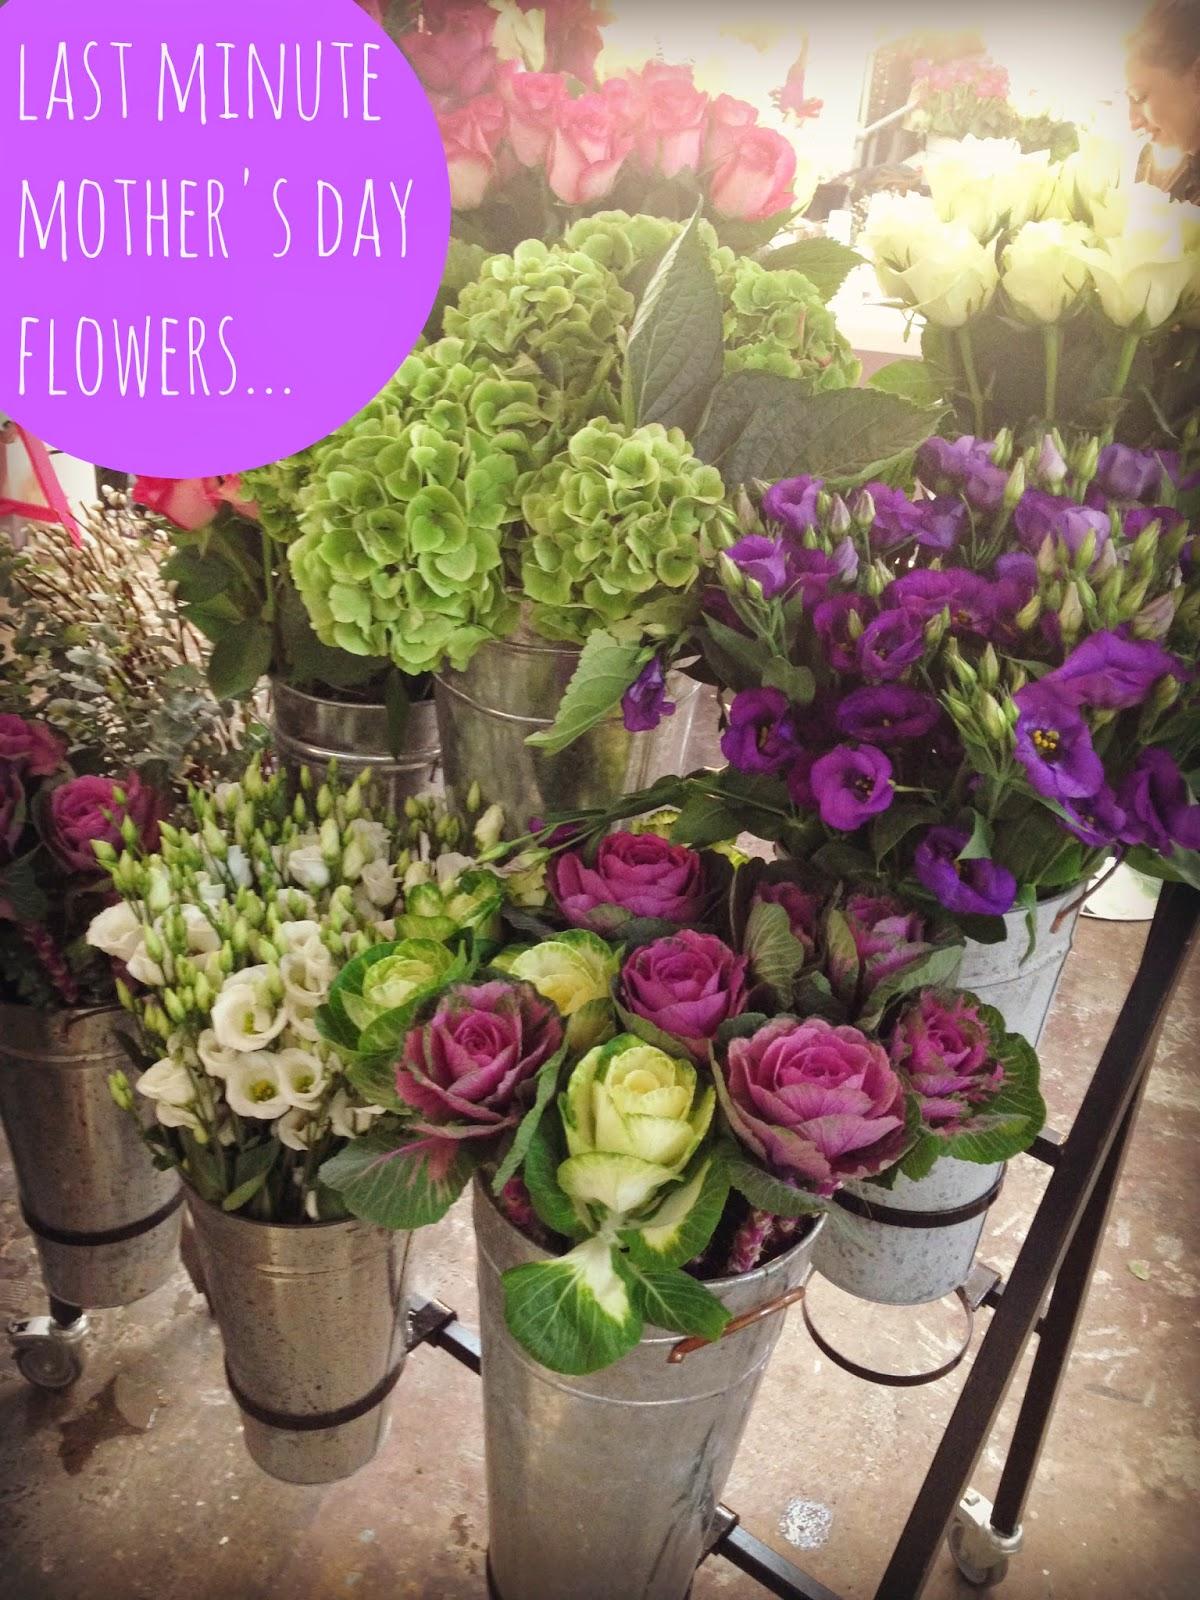 Flowers online 2018 marks and soencers flowers flowers online izmirmasajfo